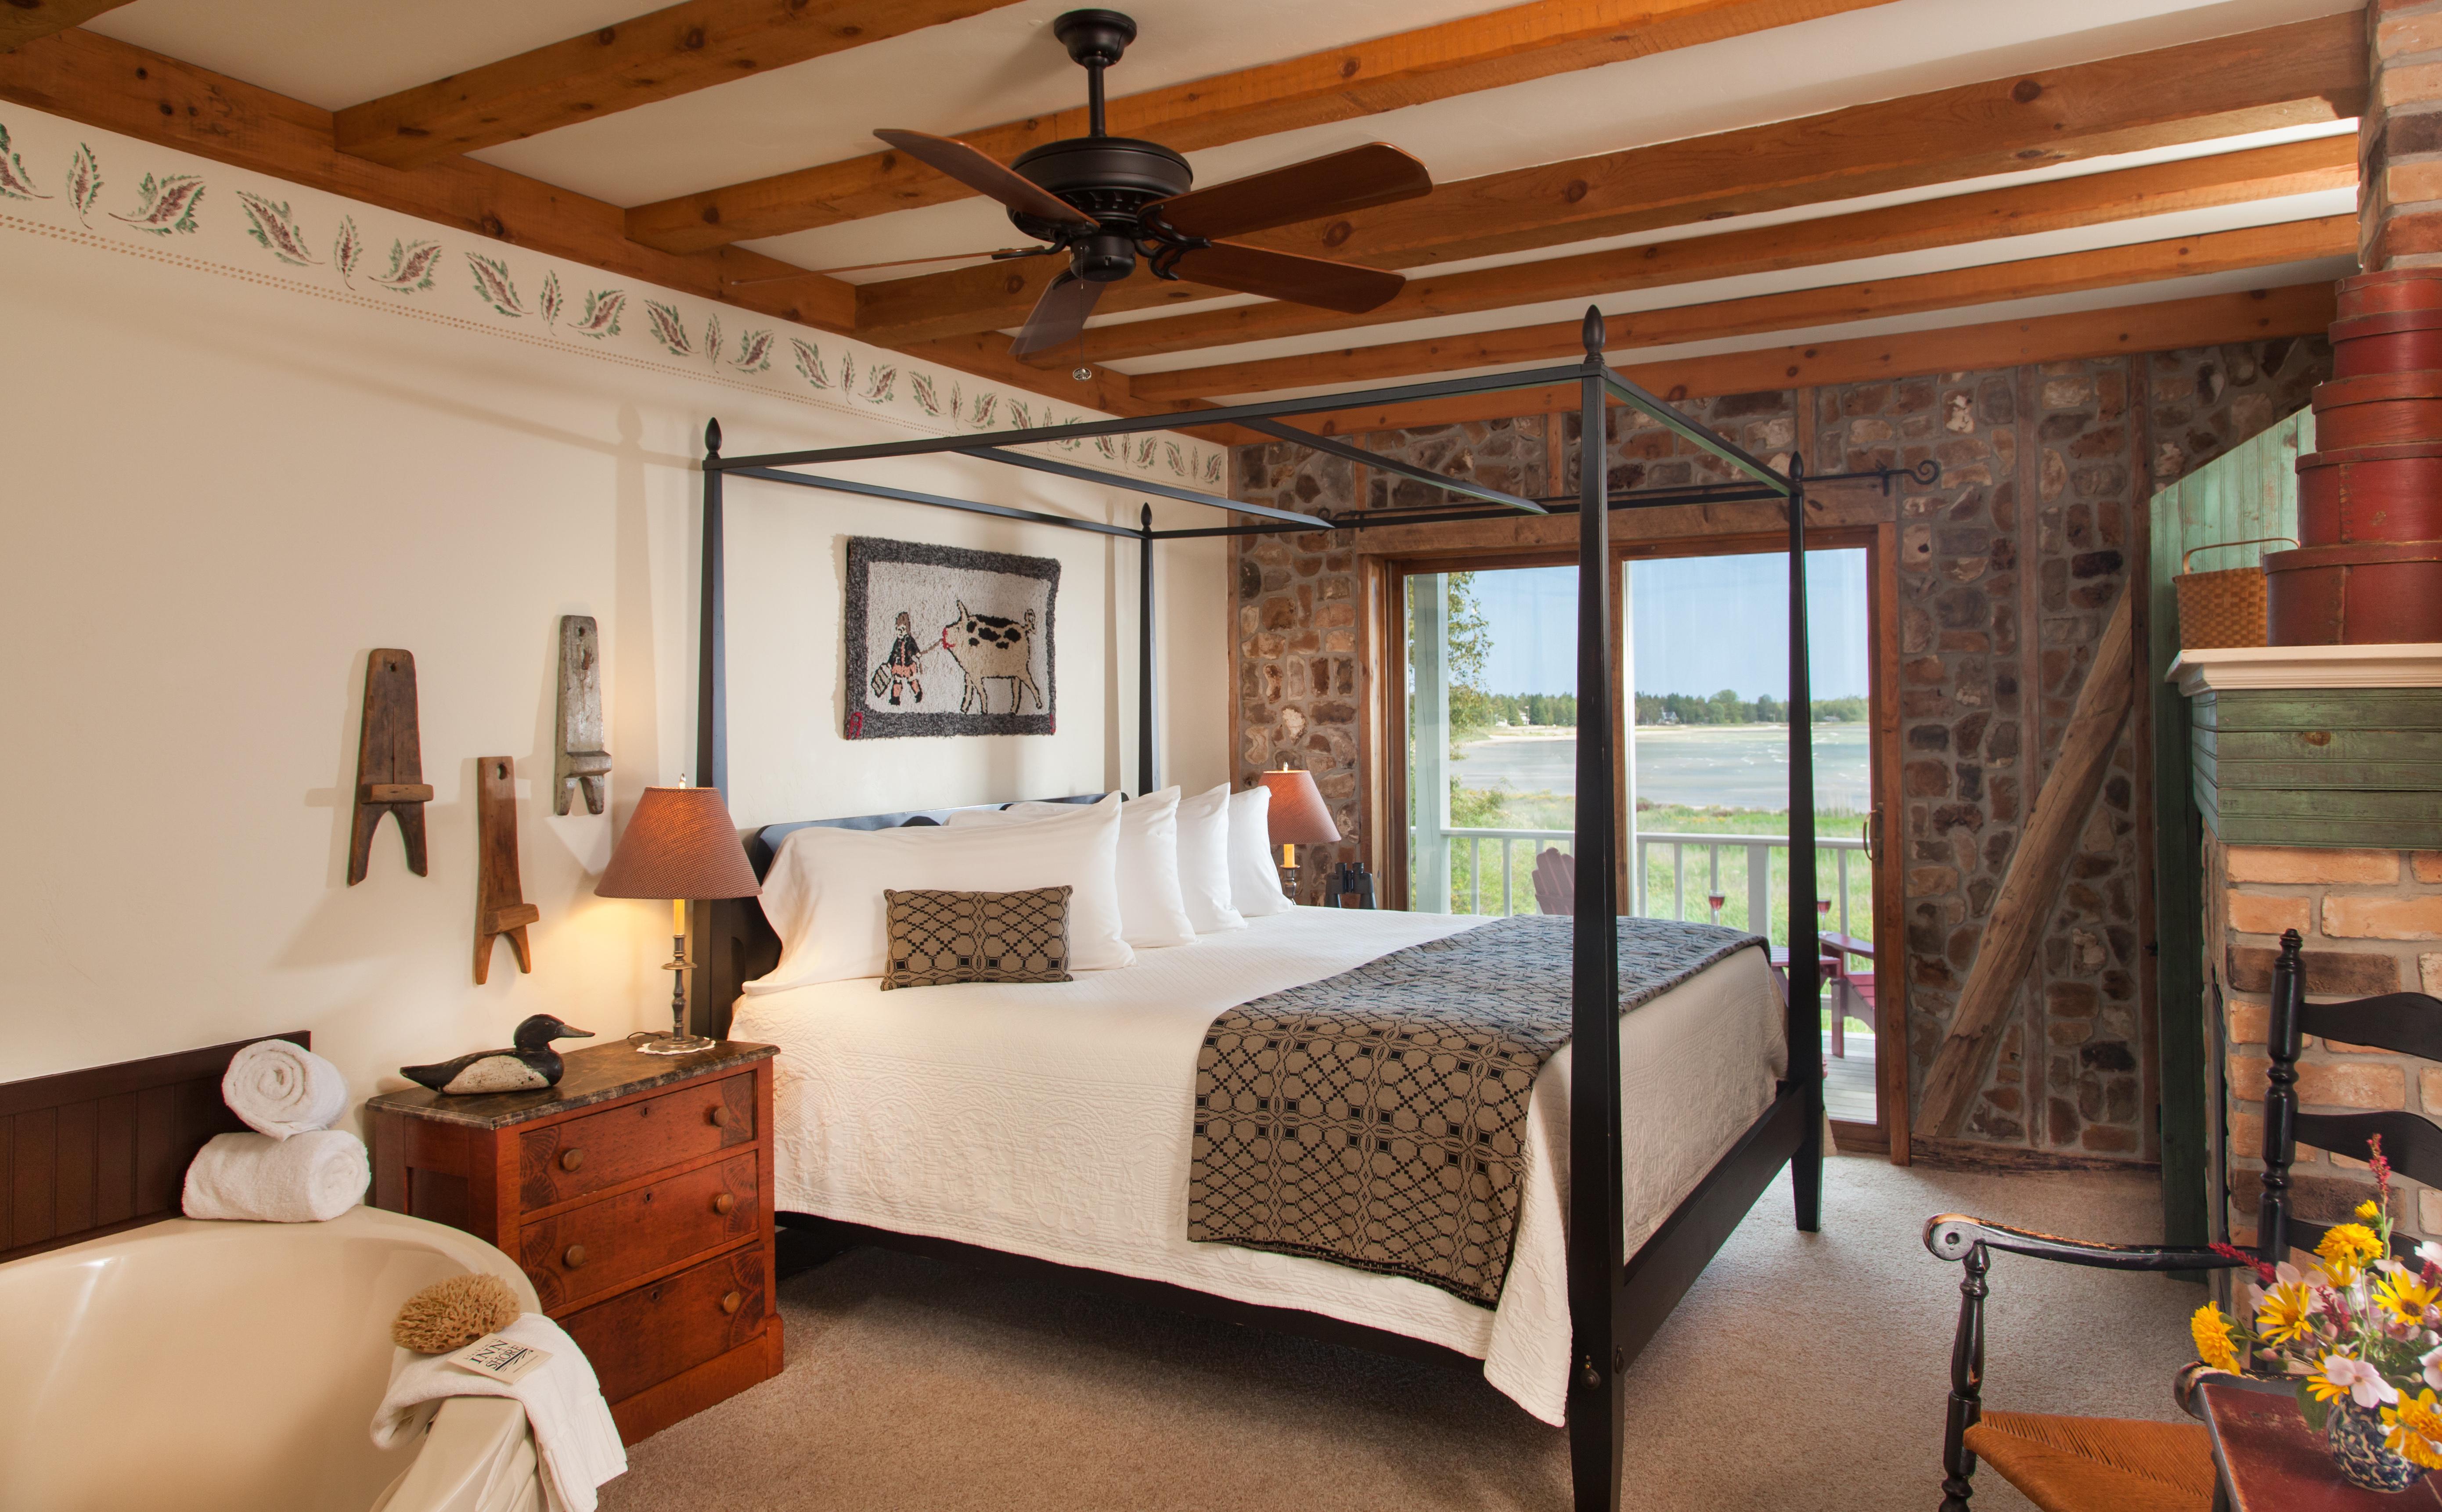 Blacksmith-inn-bed